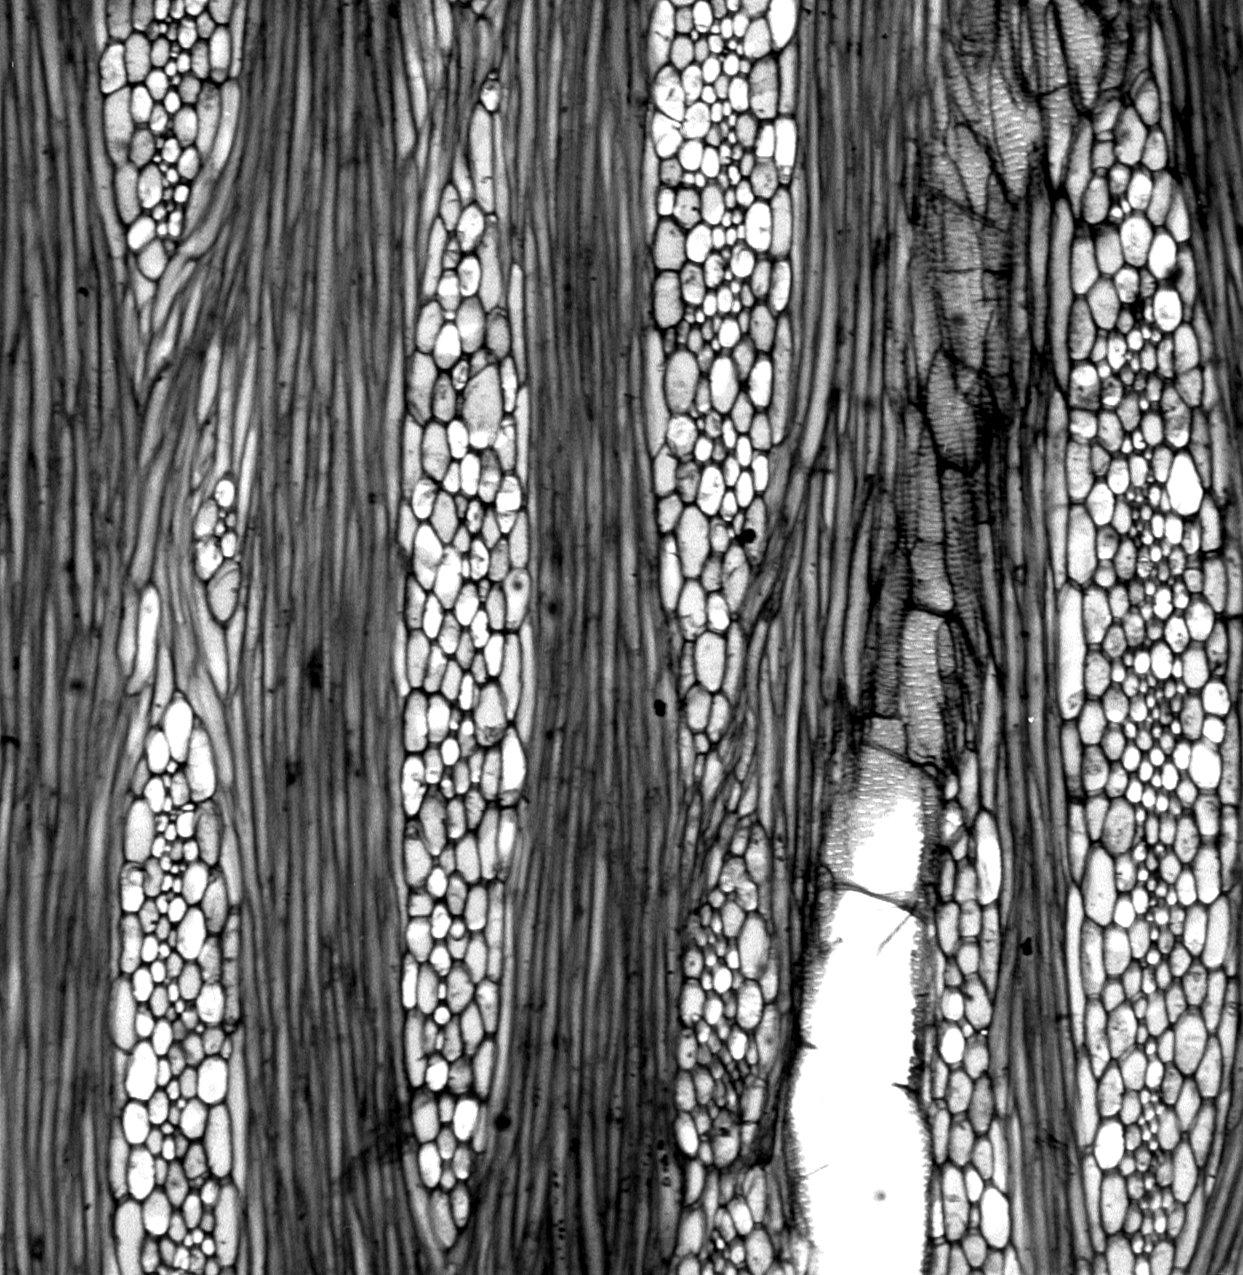 PAPAVERACEAE Bocconia integrifolia